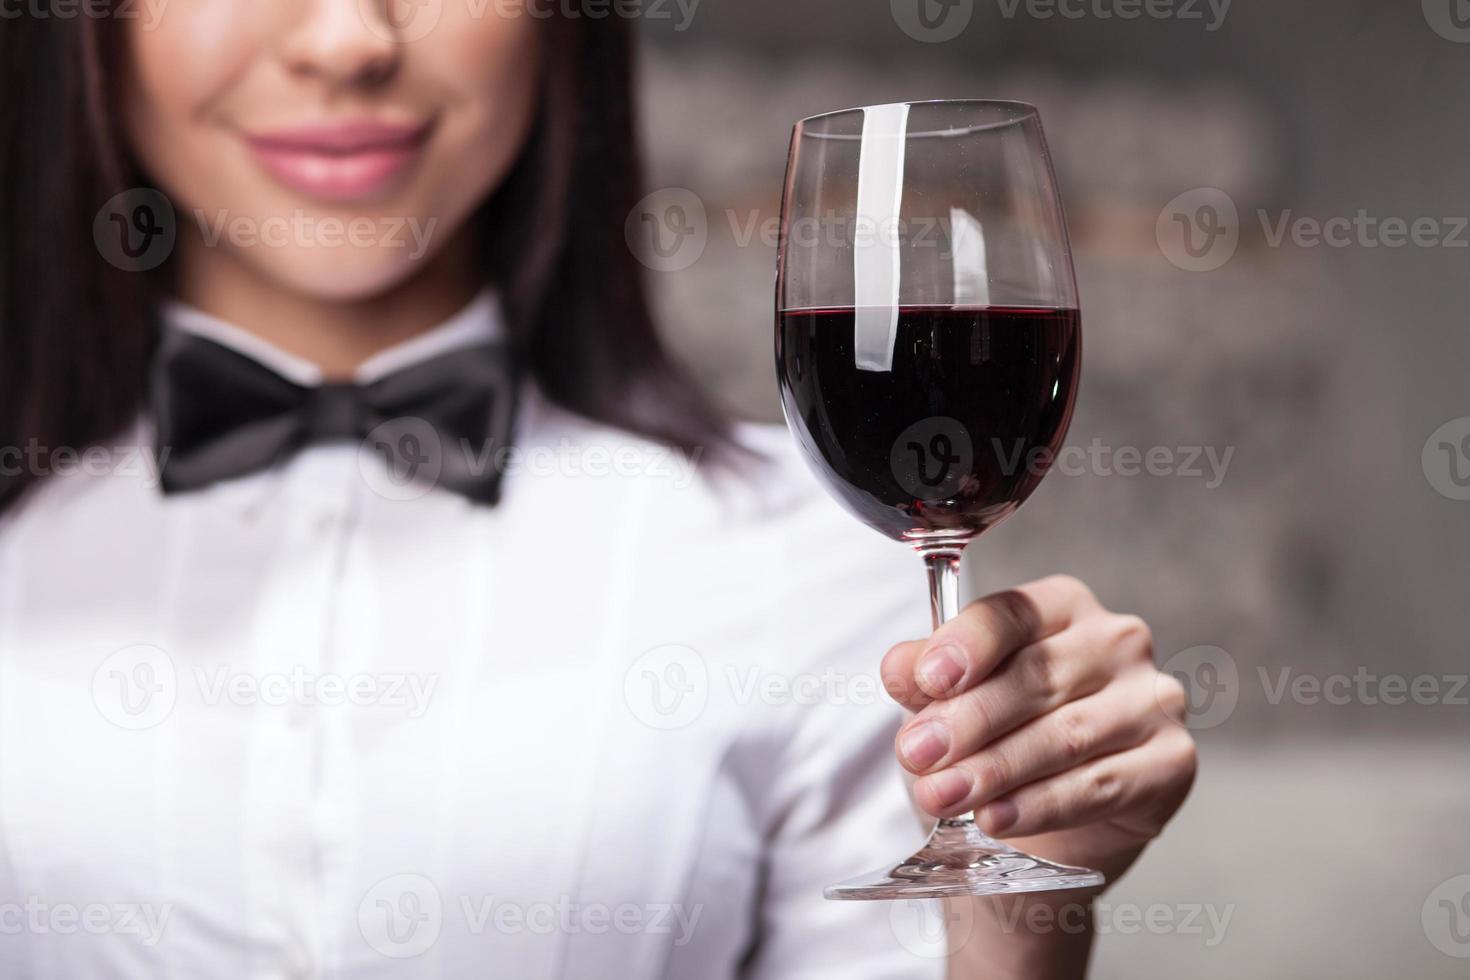 vrolijke vrouwelijke slijterij assistent met wijnglas foto